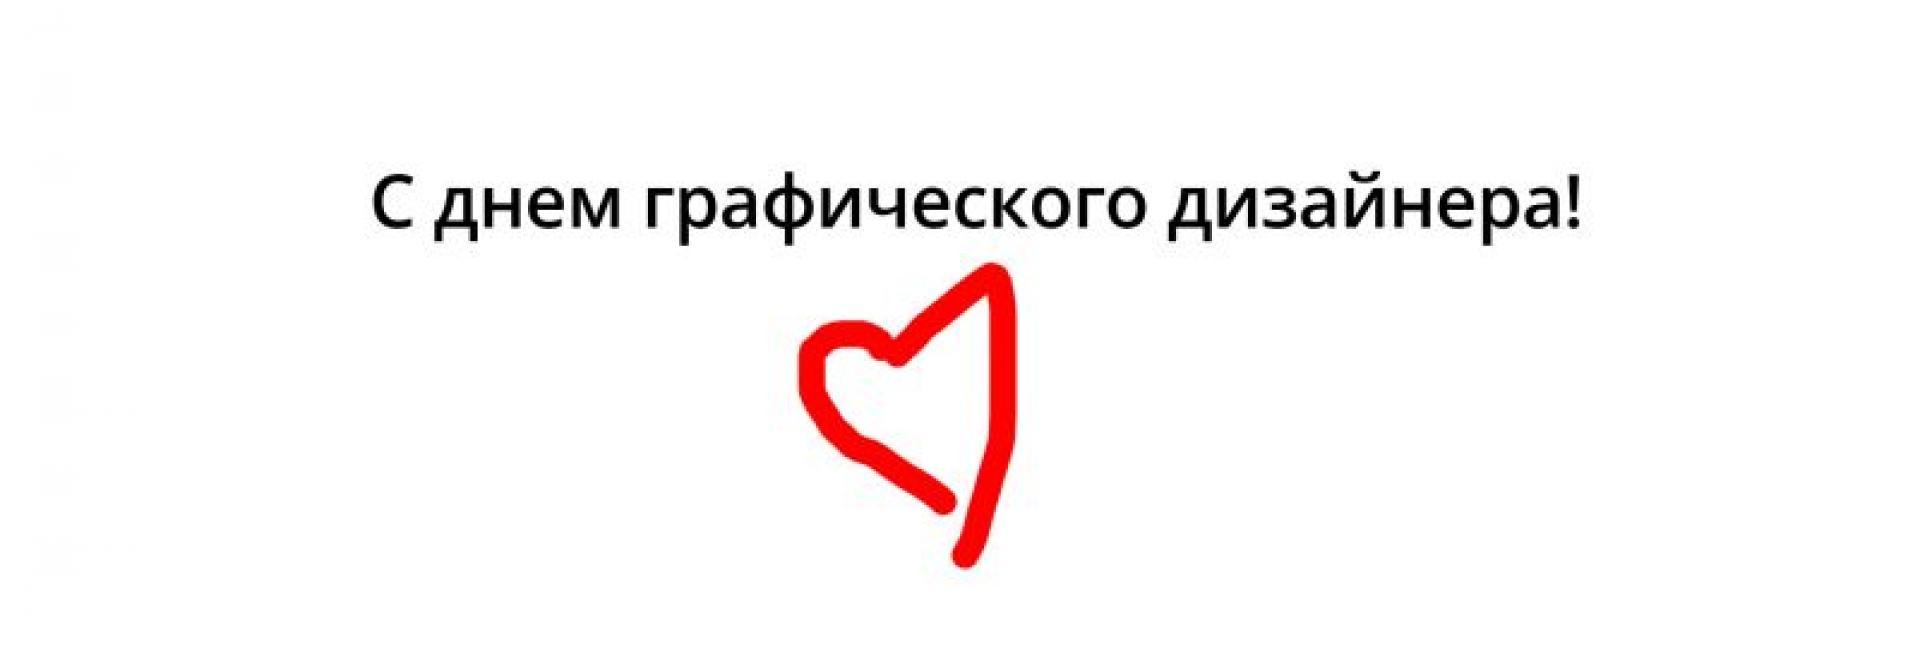 Лучшие картинки с днем дизайнера графика в России (5)